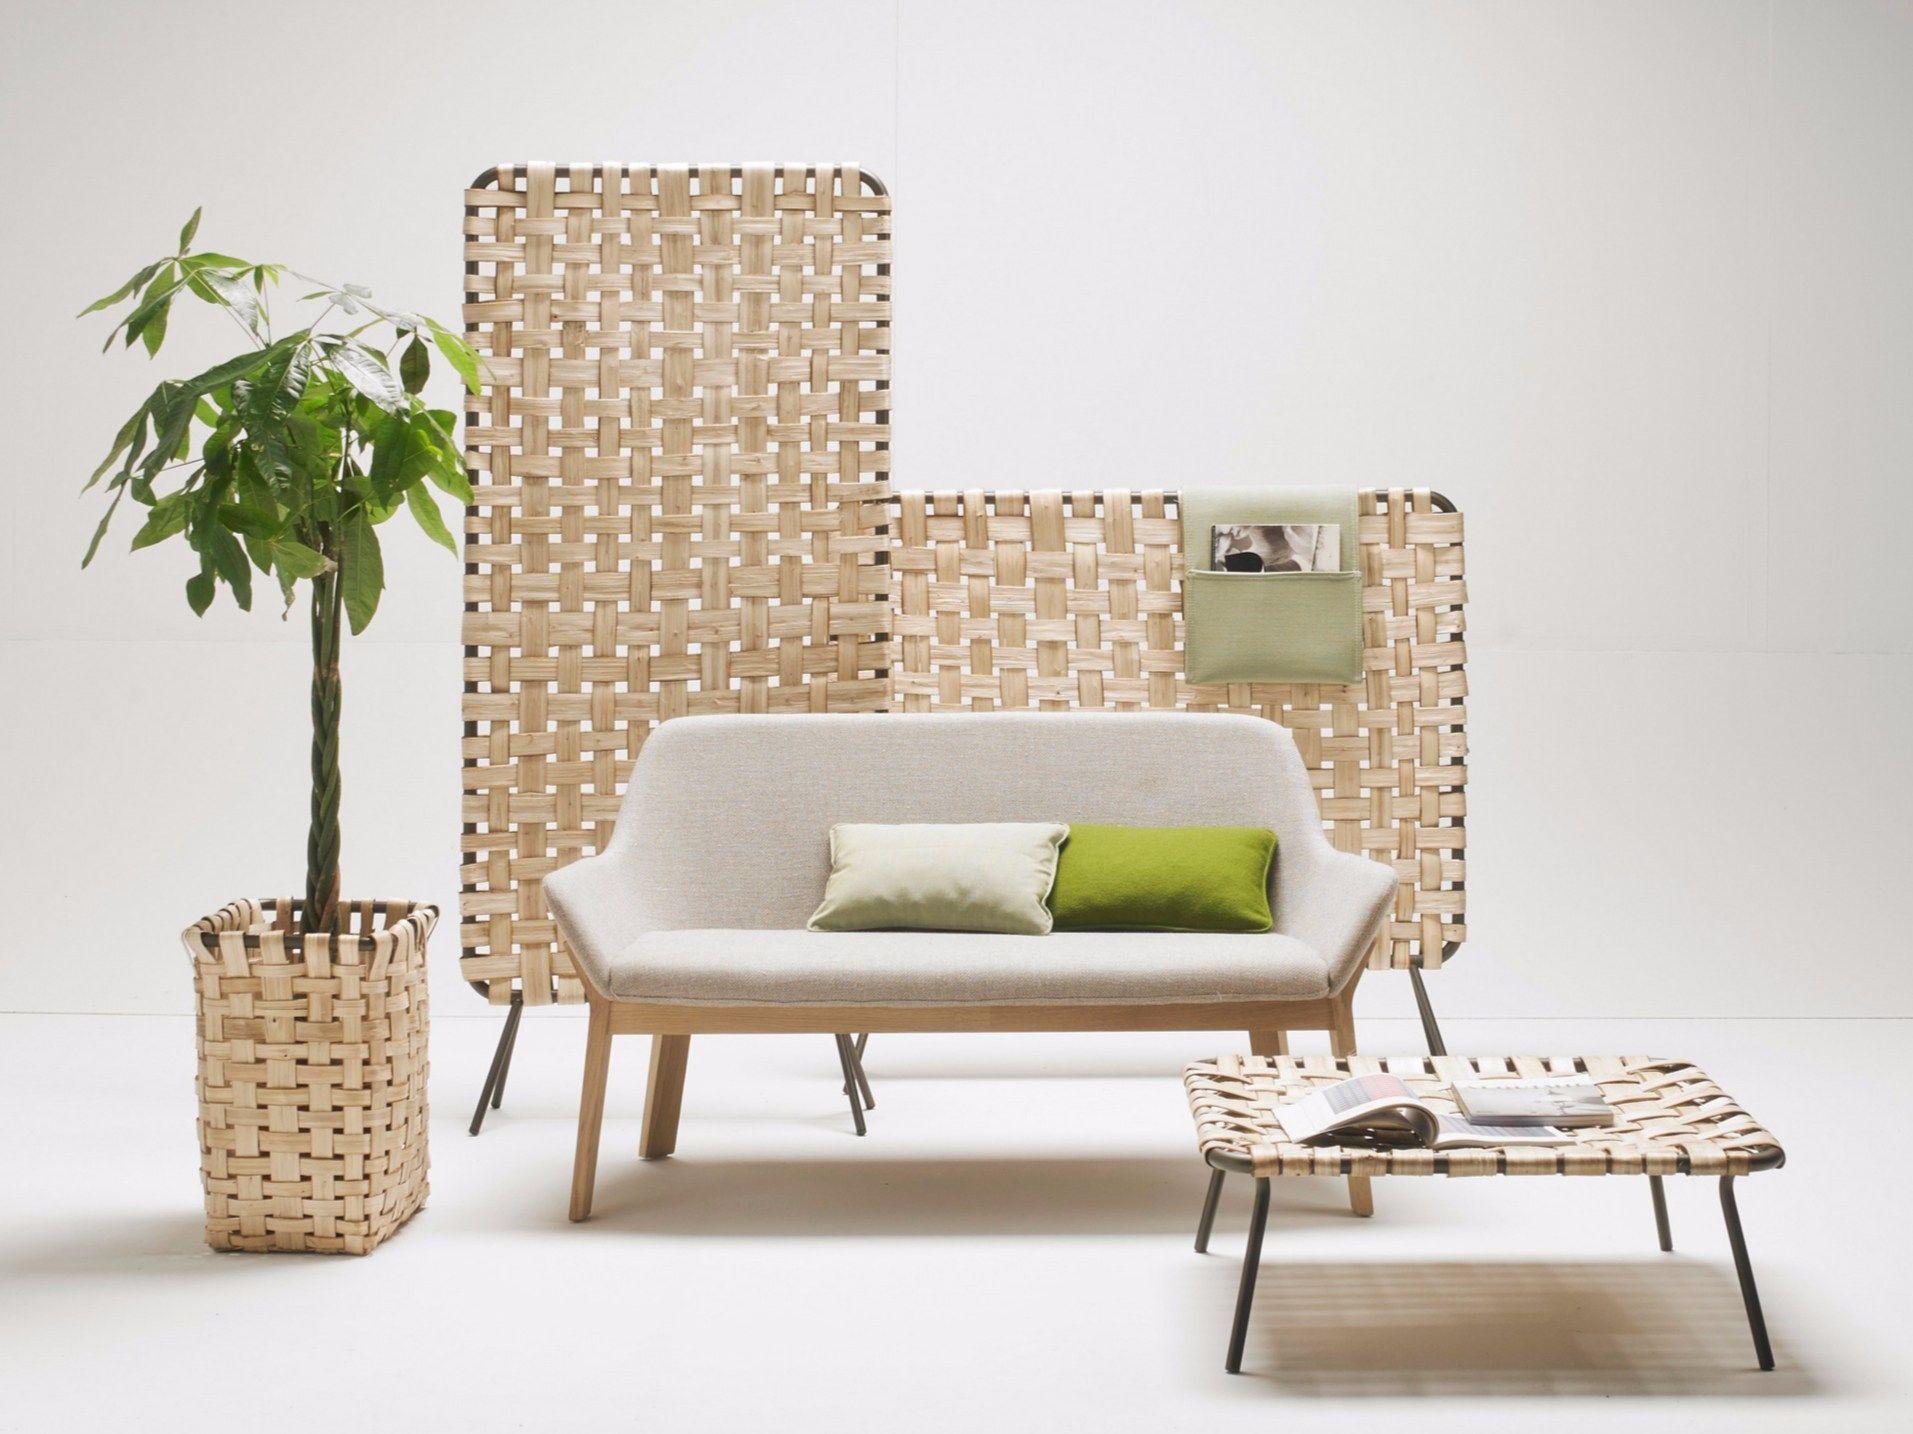 Divisorio in legno zumit by alki design iratzoki lizaso 가름마ㄱ